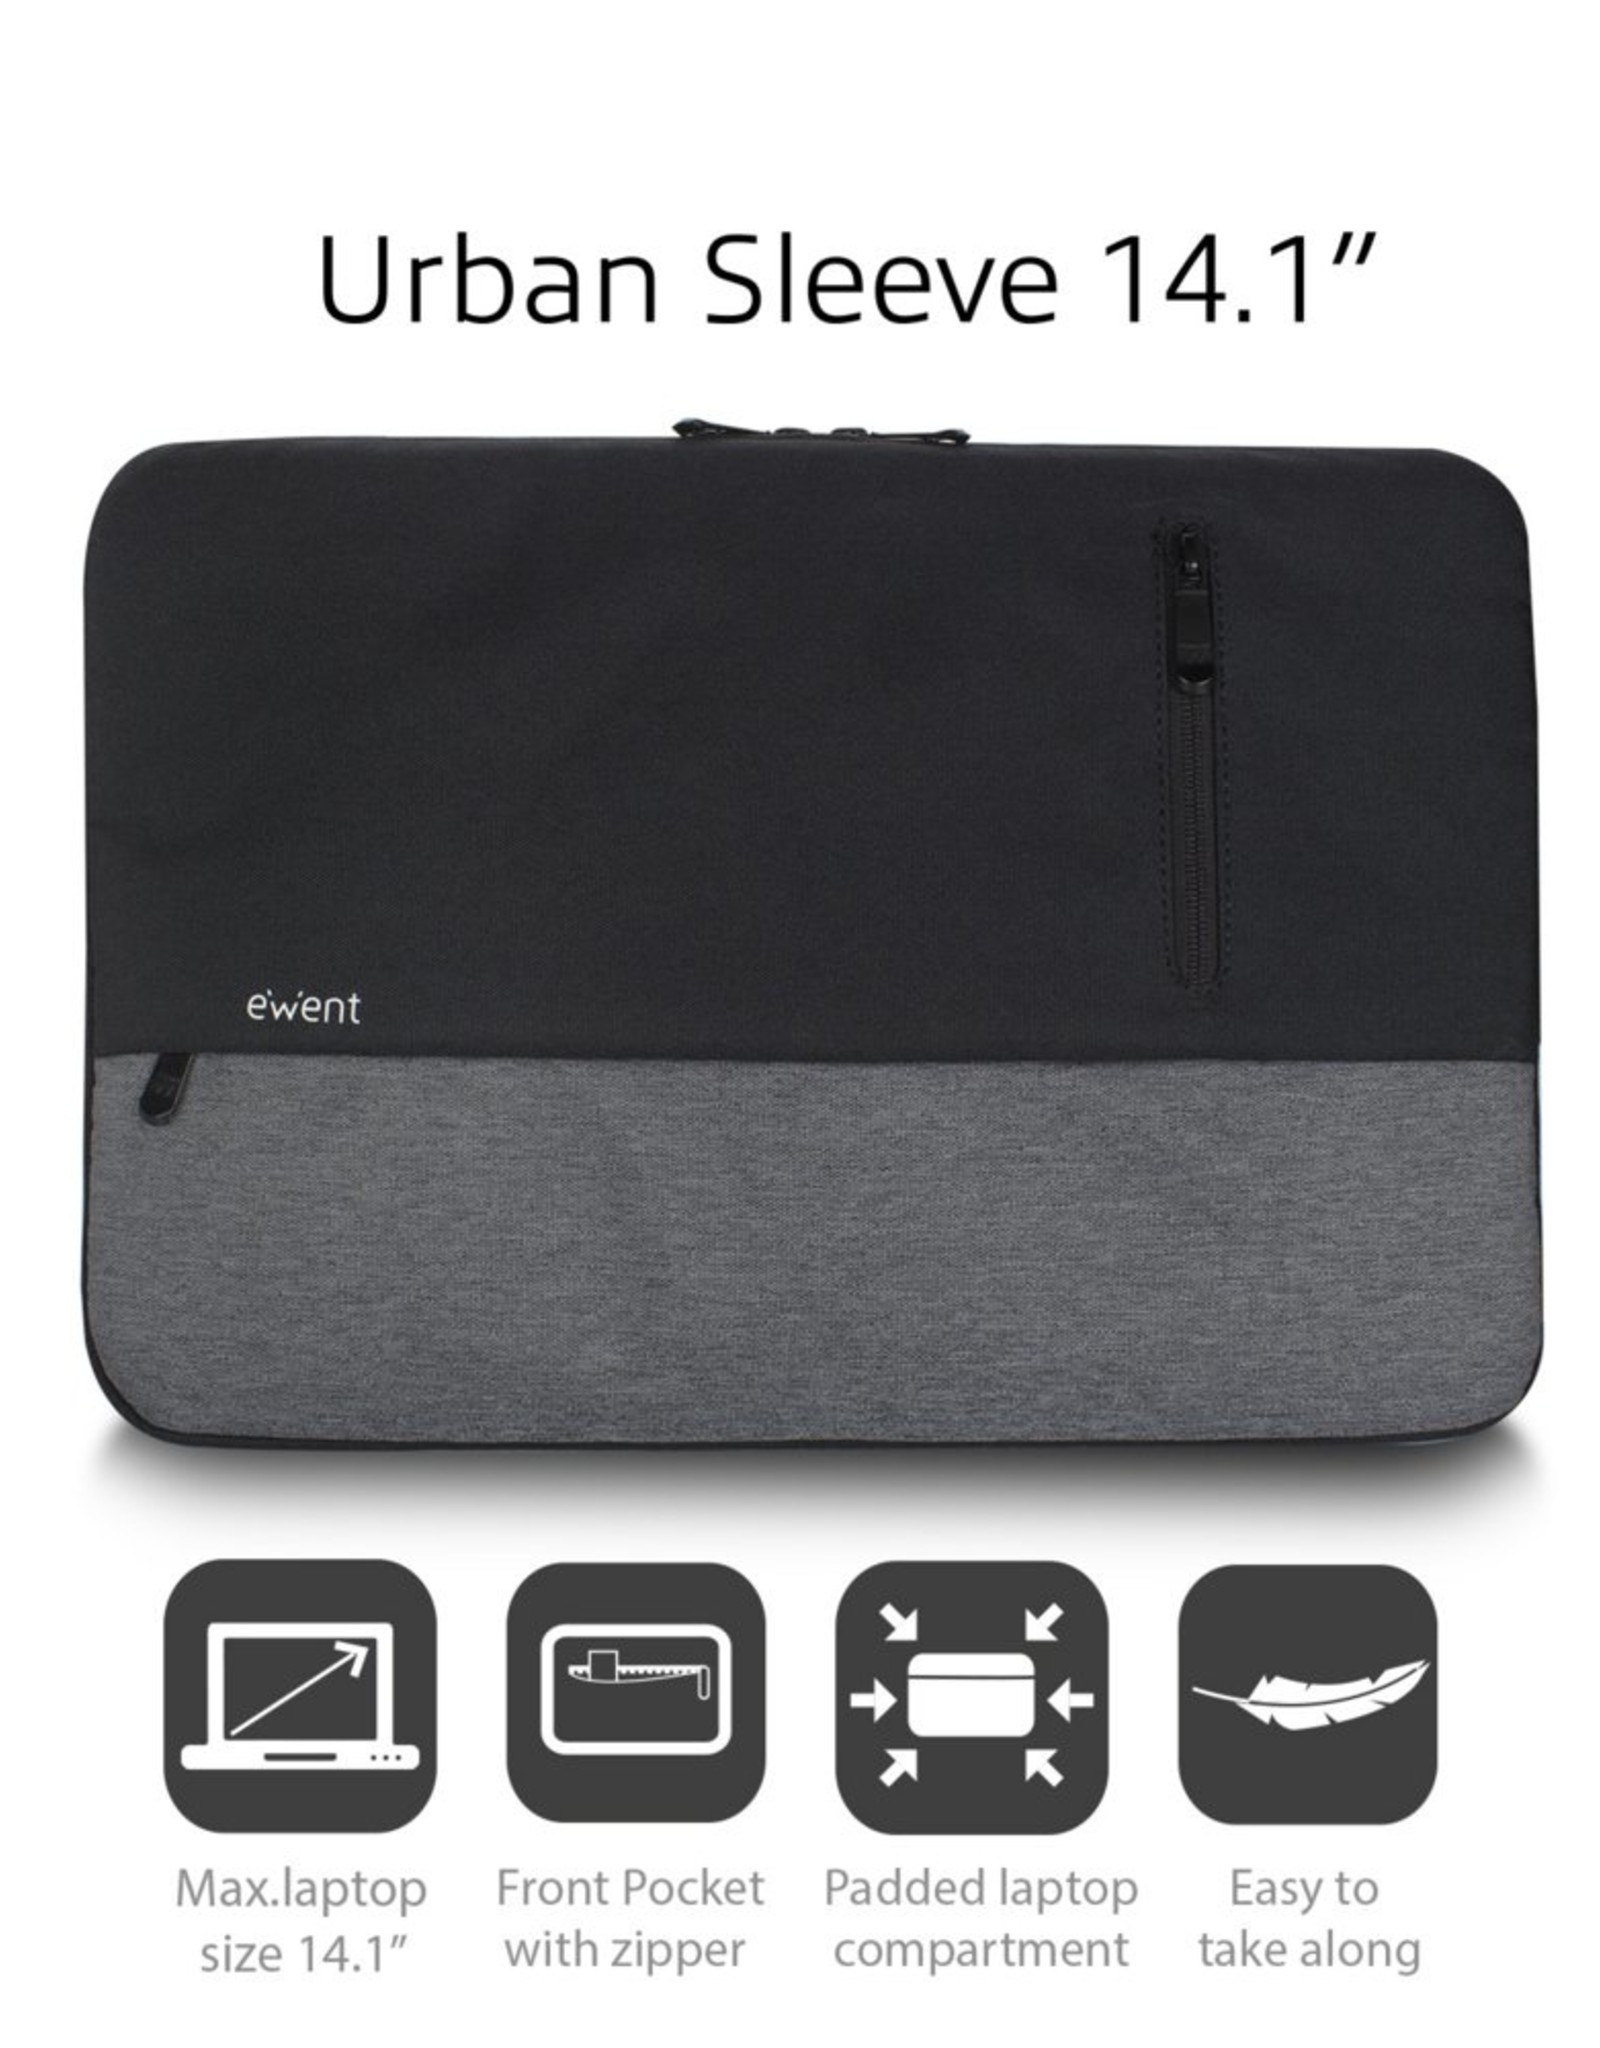 """Ewen tUrban Sleeve 14.1"""", BLACK/GREY"""